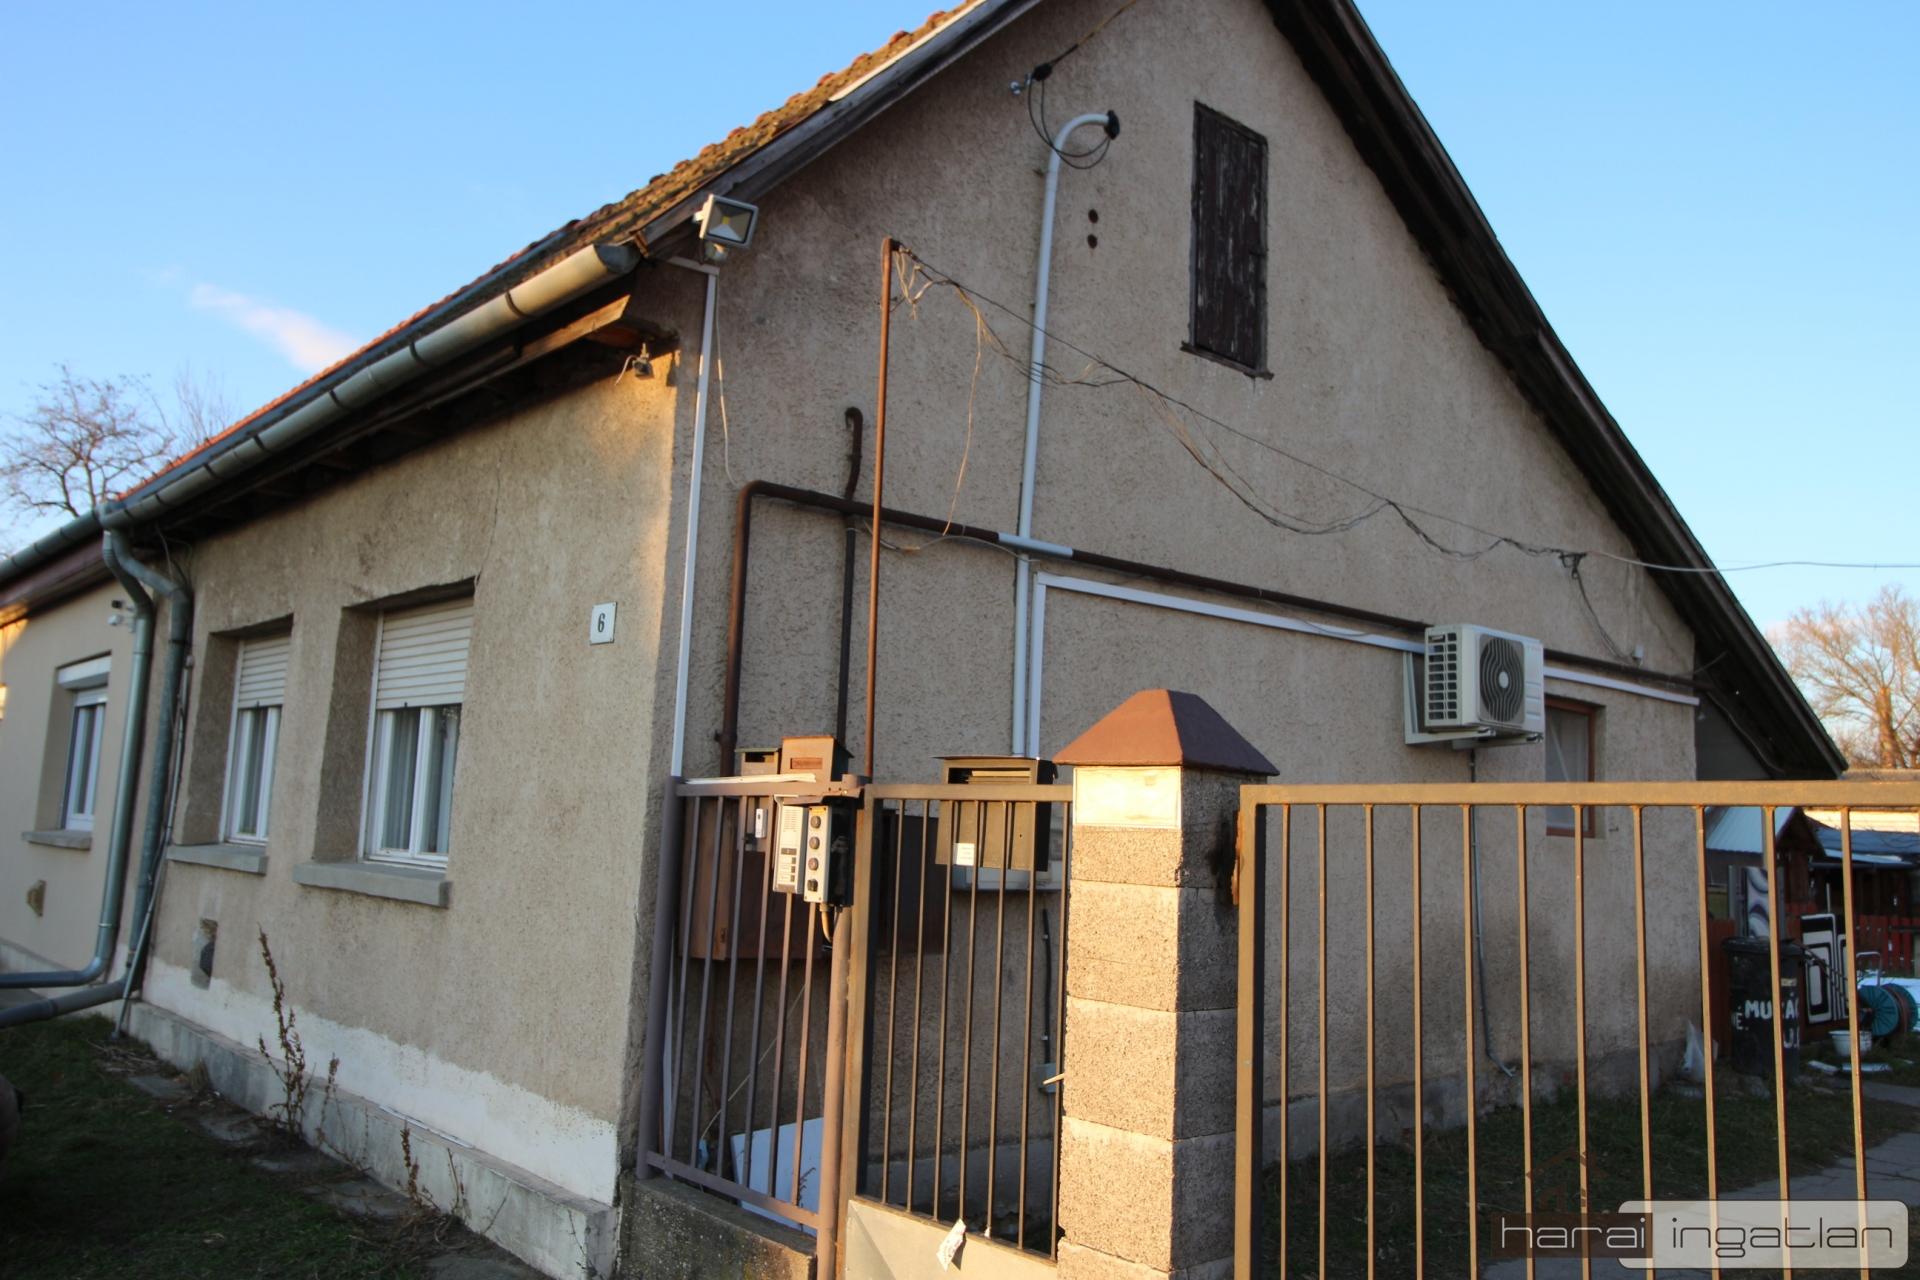 2151 Fót Eladó Ház (#01022021116)